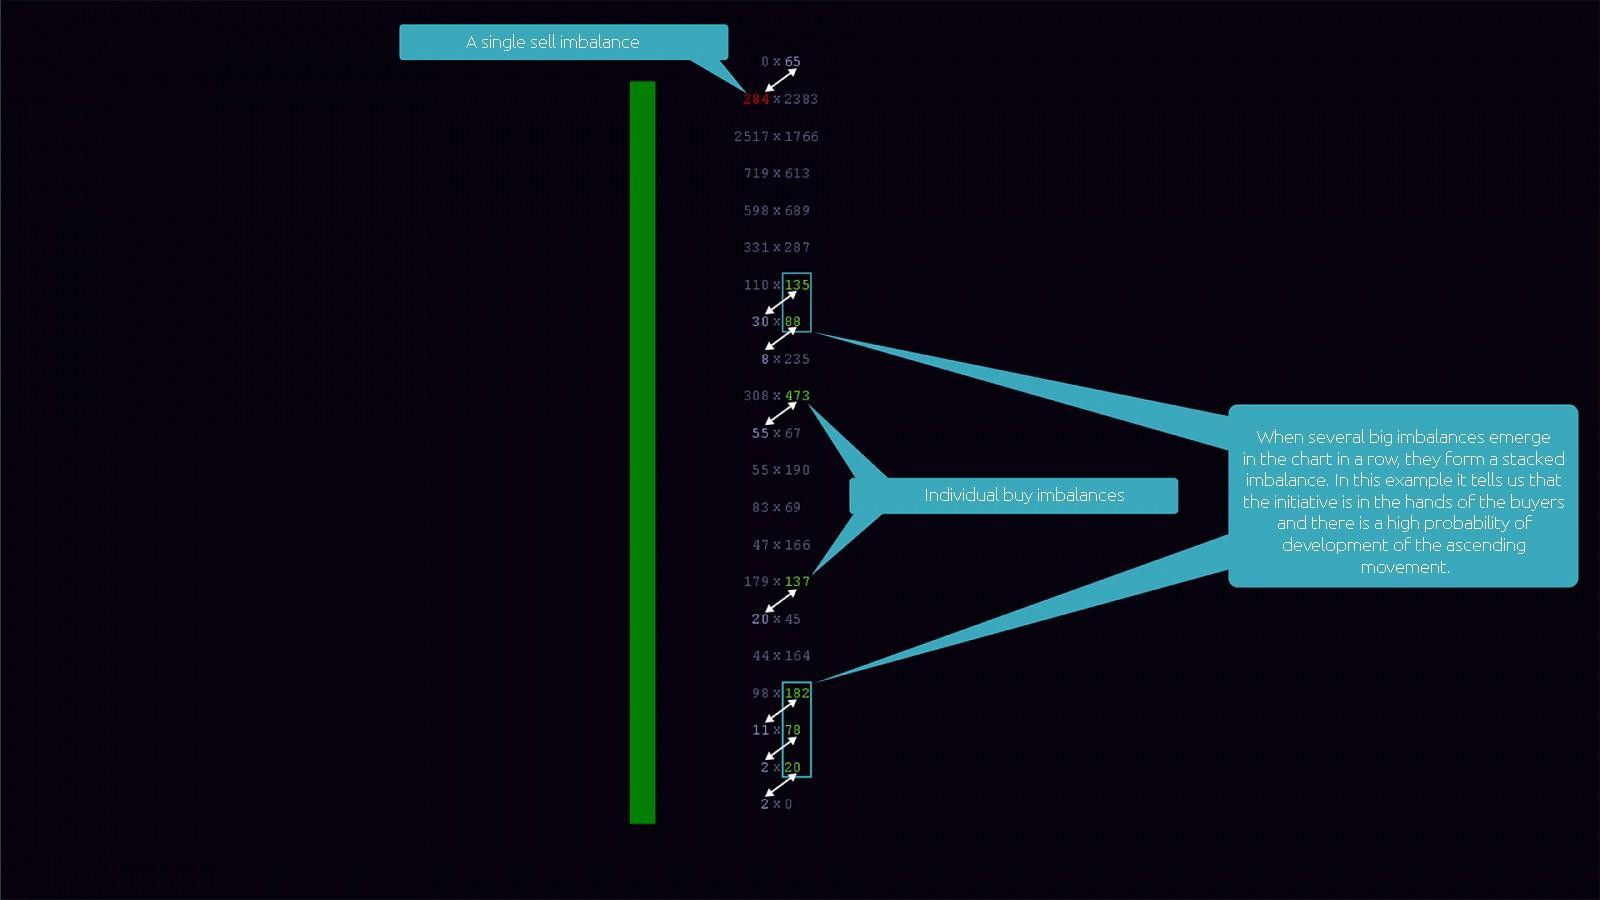 Example of a Bid x Ask Imbalance Footprint chart bar of the ATAS platform